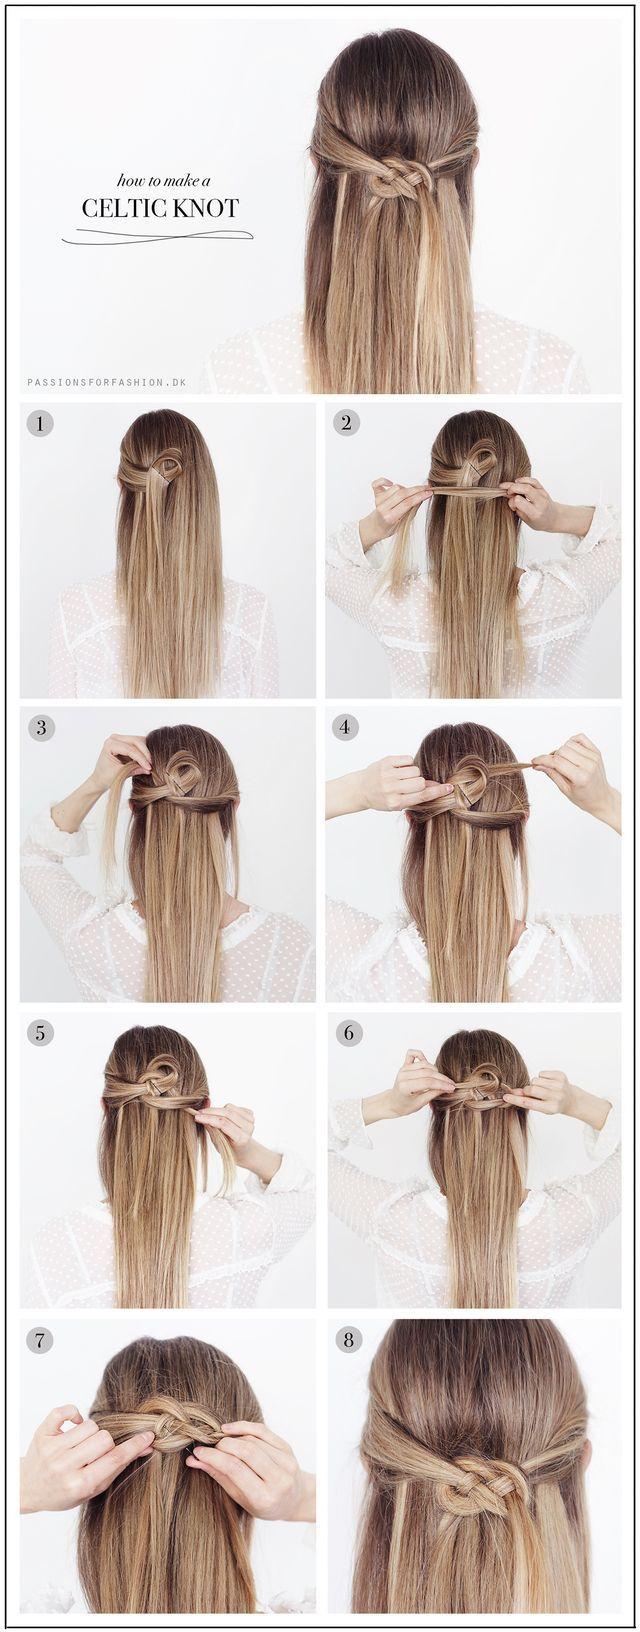 """- How to make a celtic knot - Selvom jeg aldrig har fortrudt, at jeg klippede mit hår """"kort"""" for et par år siden, har det alligevel taget lidt tid at gro langt igen, fordi jeg er blevet klippet med jæ"""